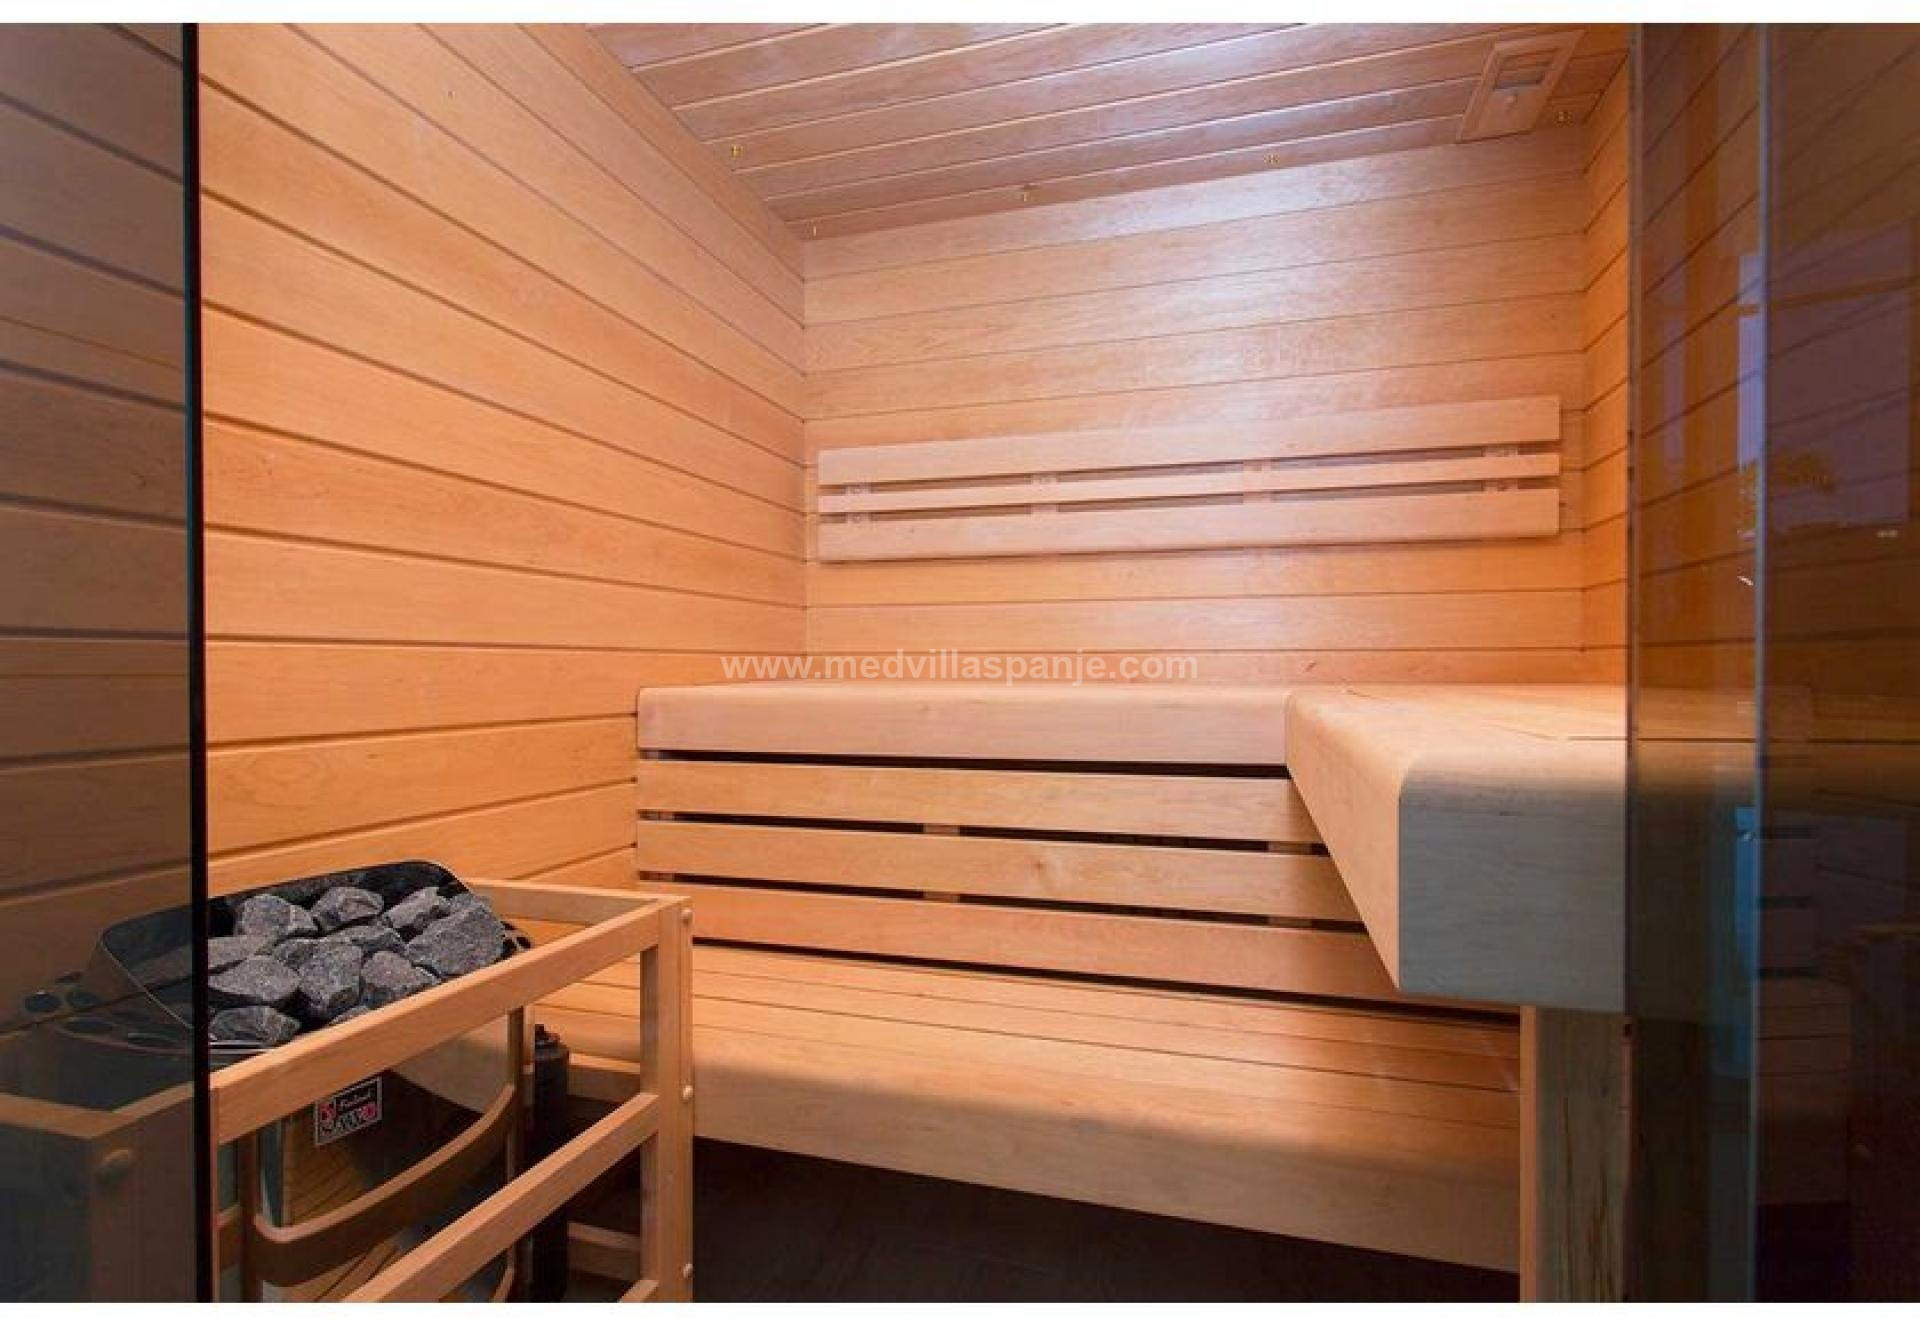 3 Slaapkamer Appartement met tuin in La Zenia - Nieuwbouw in Medvilla Spanje